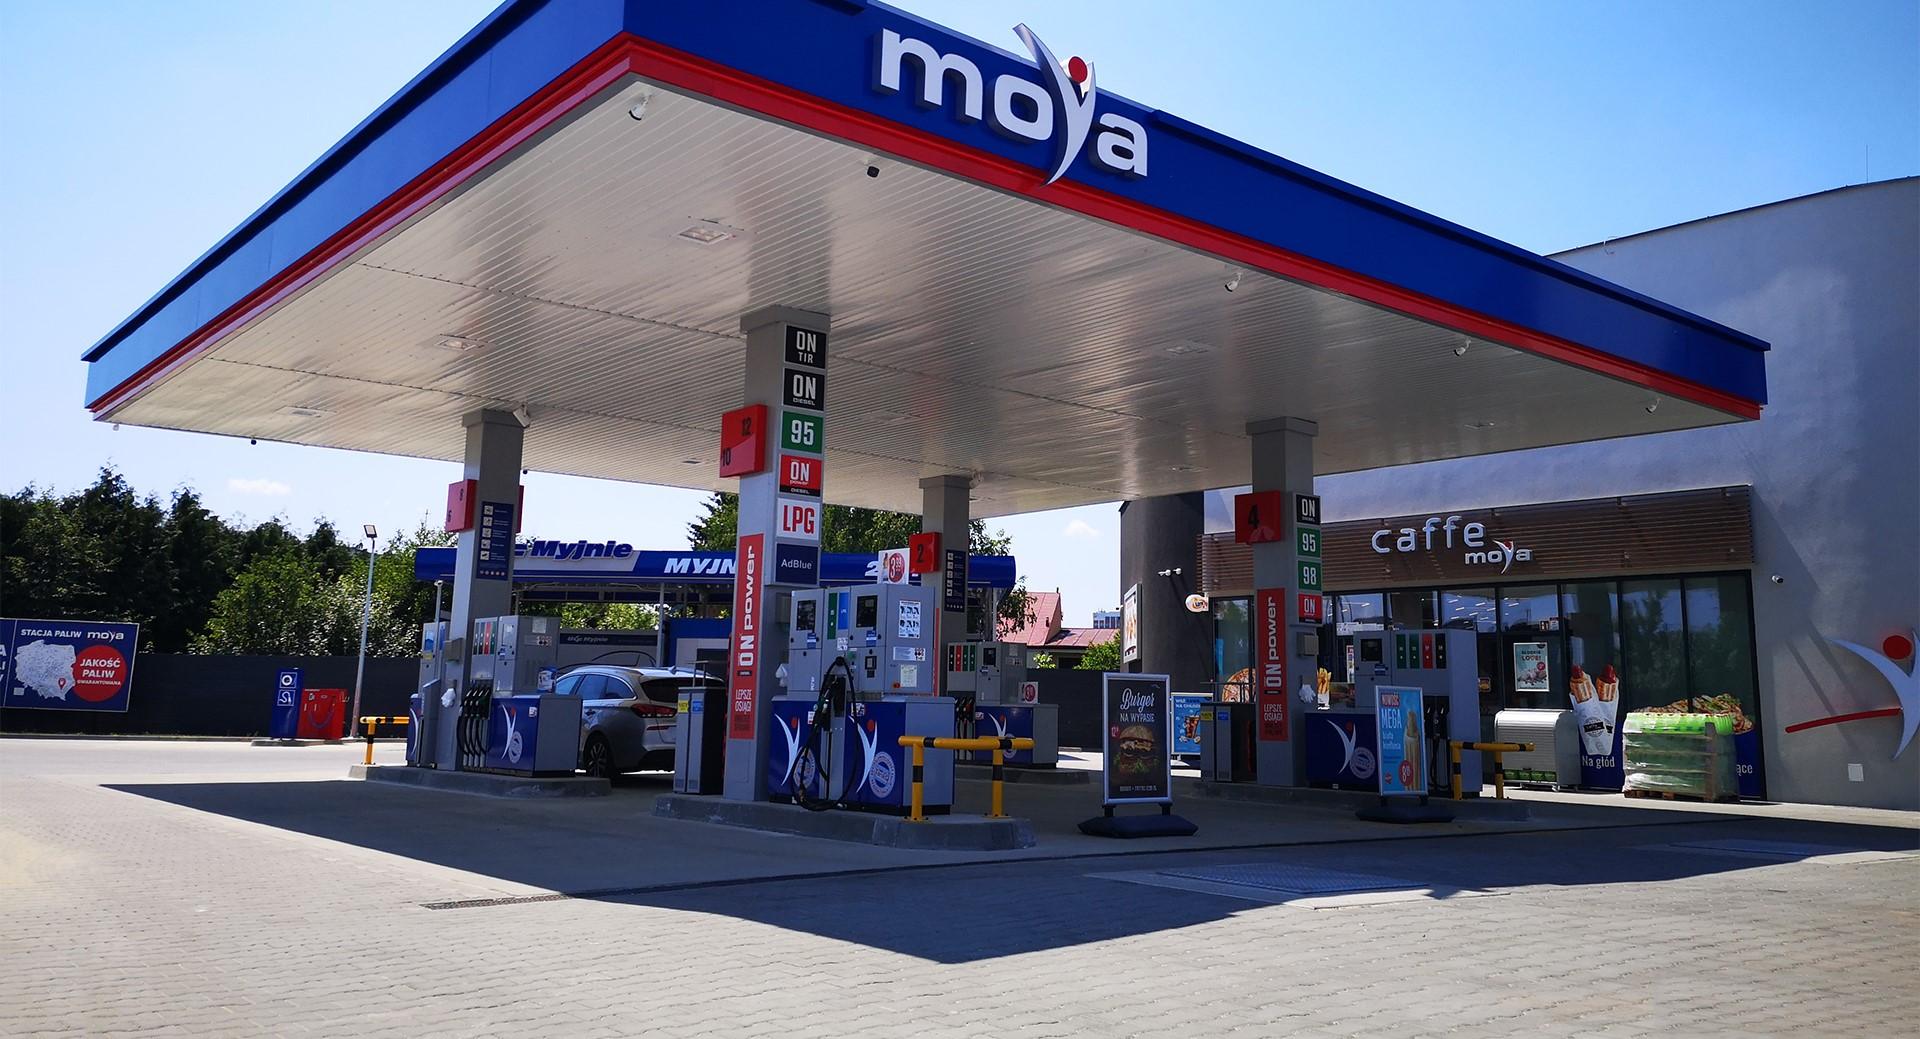 Jubileuszowa stacja sieci Moya w Rzeszowie